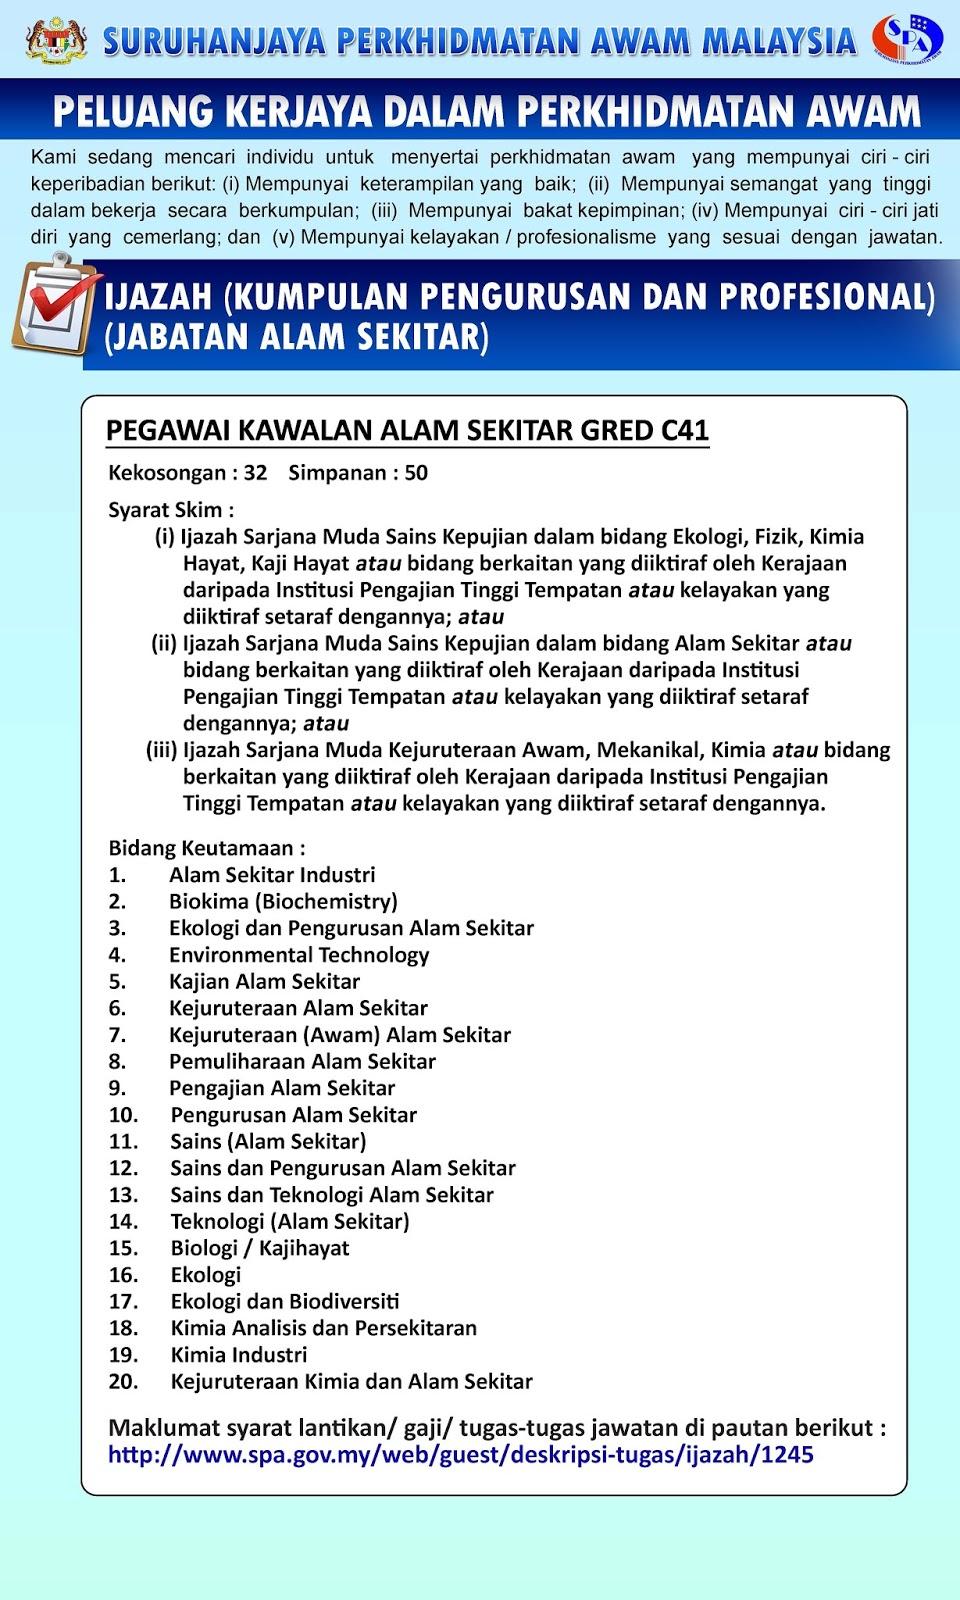 Jawatan Kosong Di Jabatan Alam Sekitar Malaysia 161 Kekosongan Seluruh Malaysia Jobcari Com Jawatan Kosong Terkini